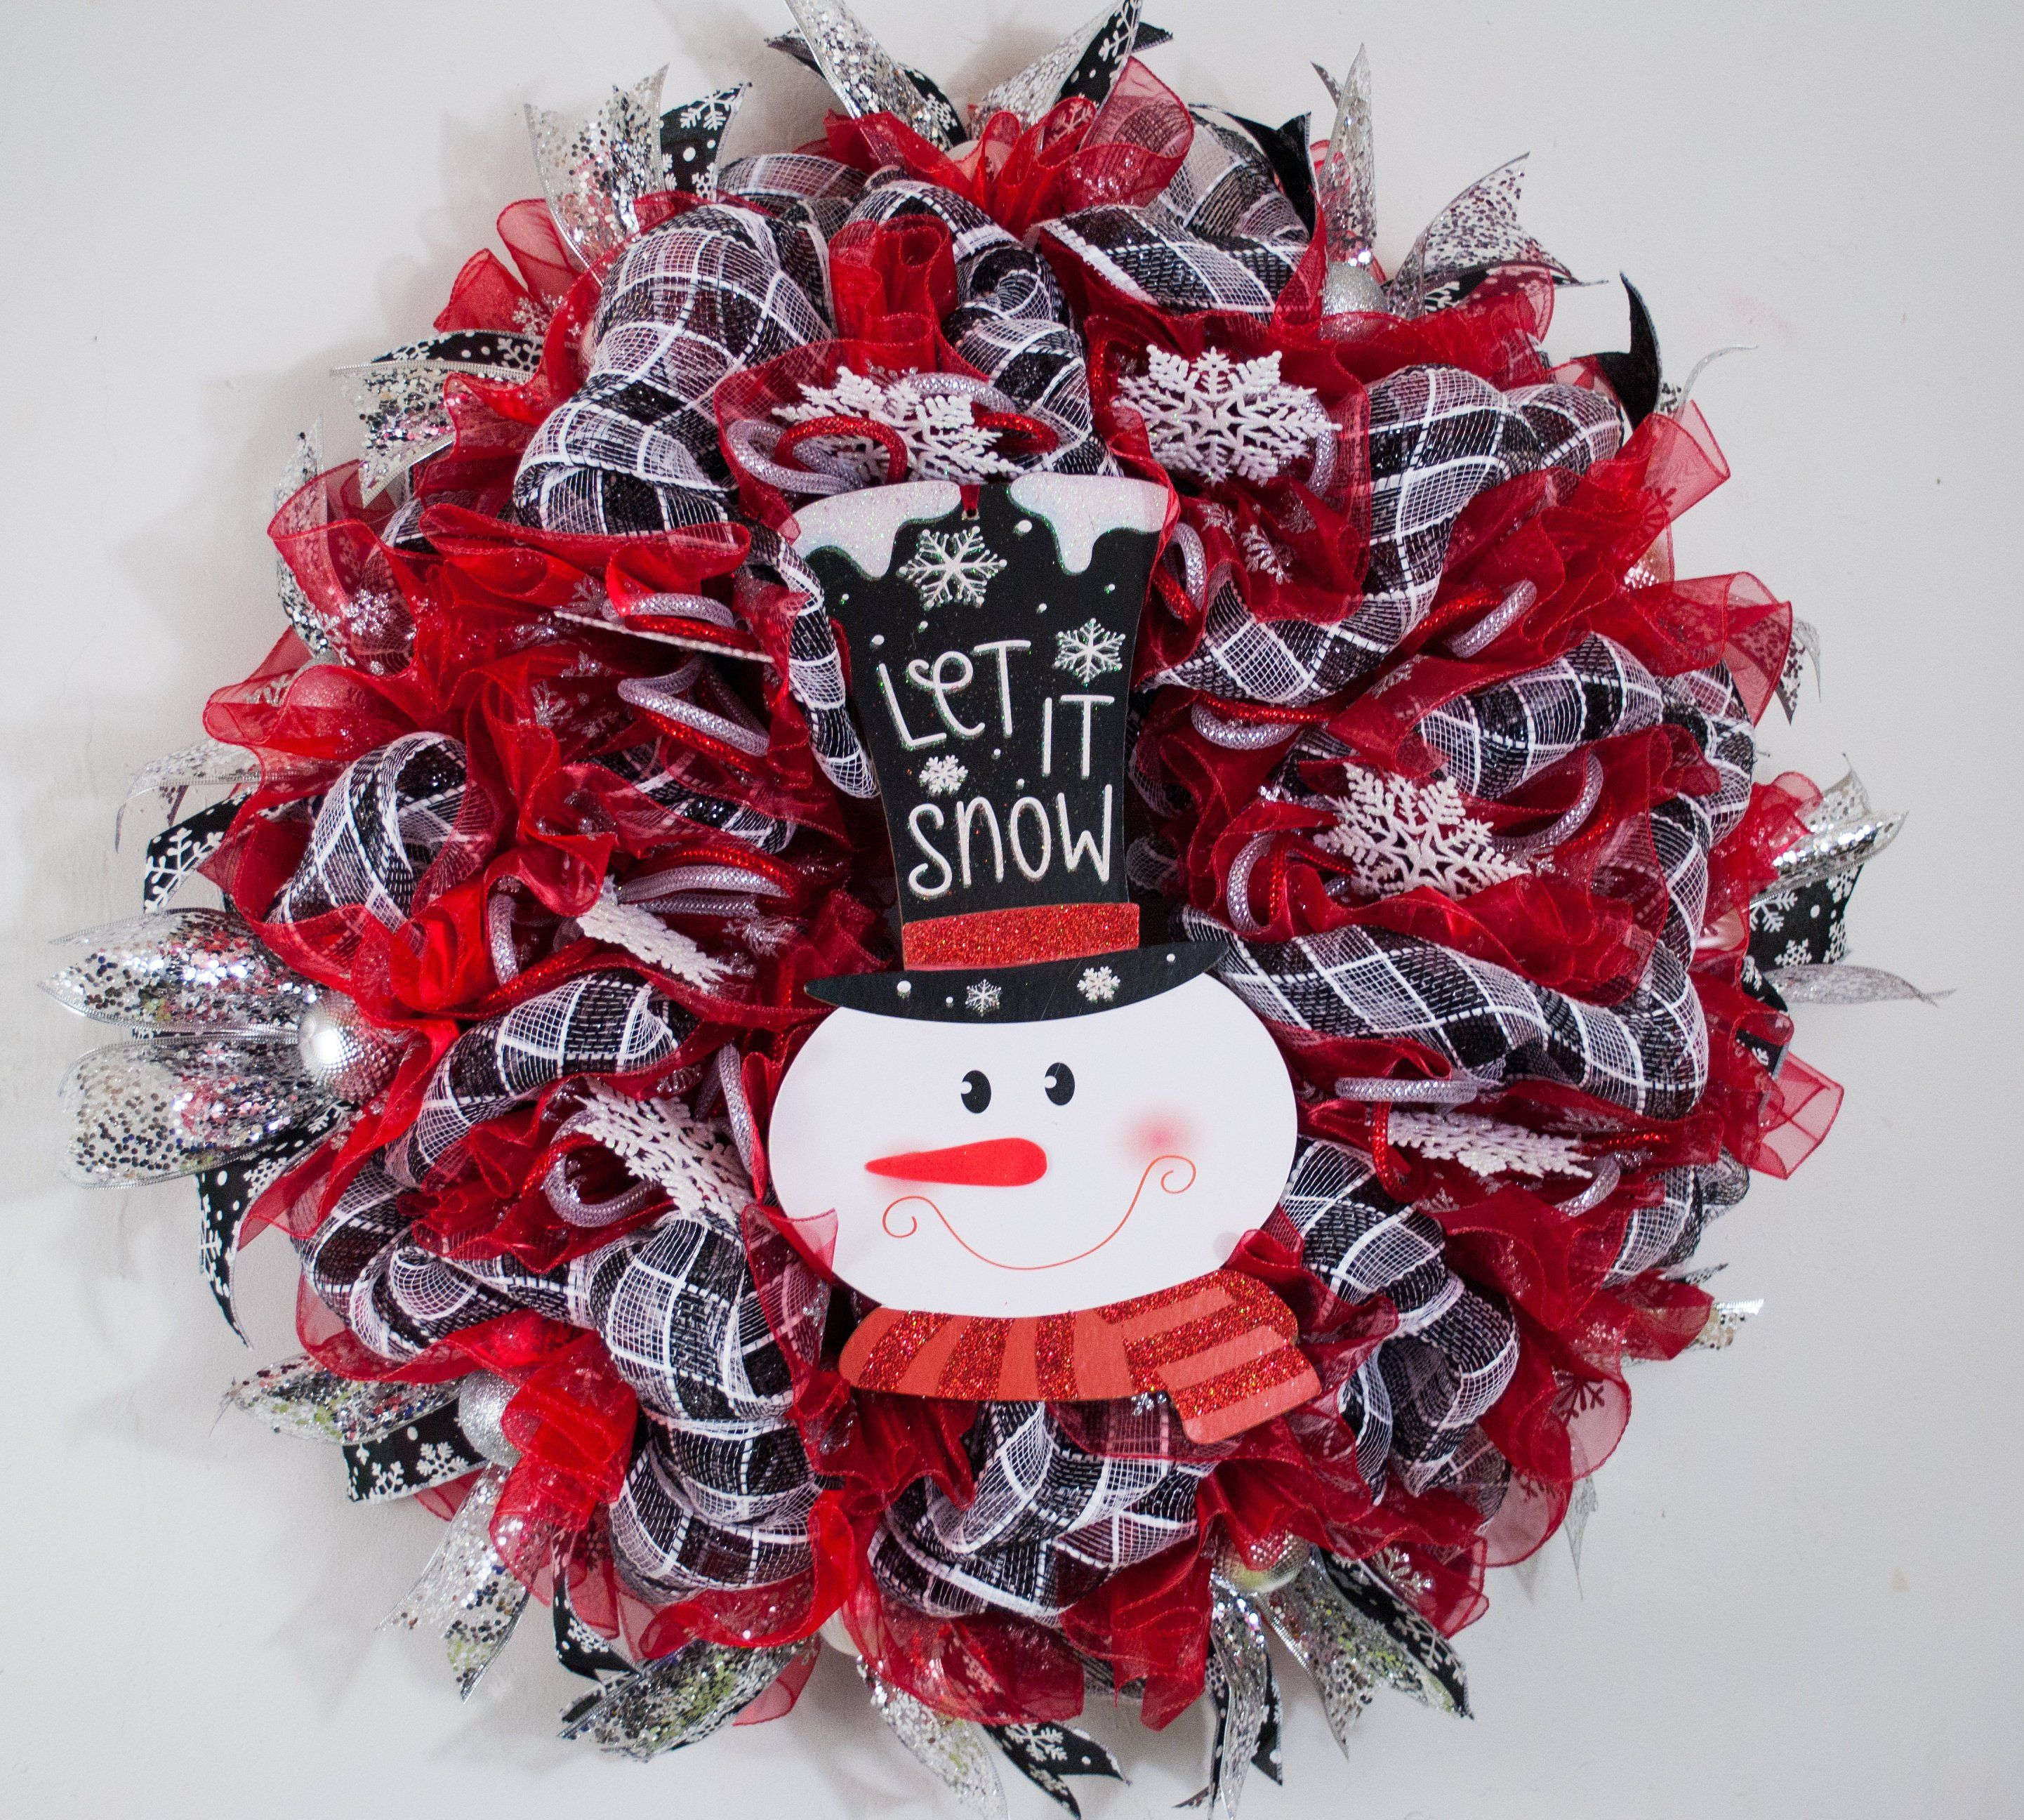 snowman mesh snowman wreath Christmas wreath Christmas Christmas decor wreaths door wreath snowman wreaths Snowman wreath wreath